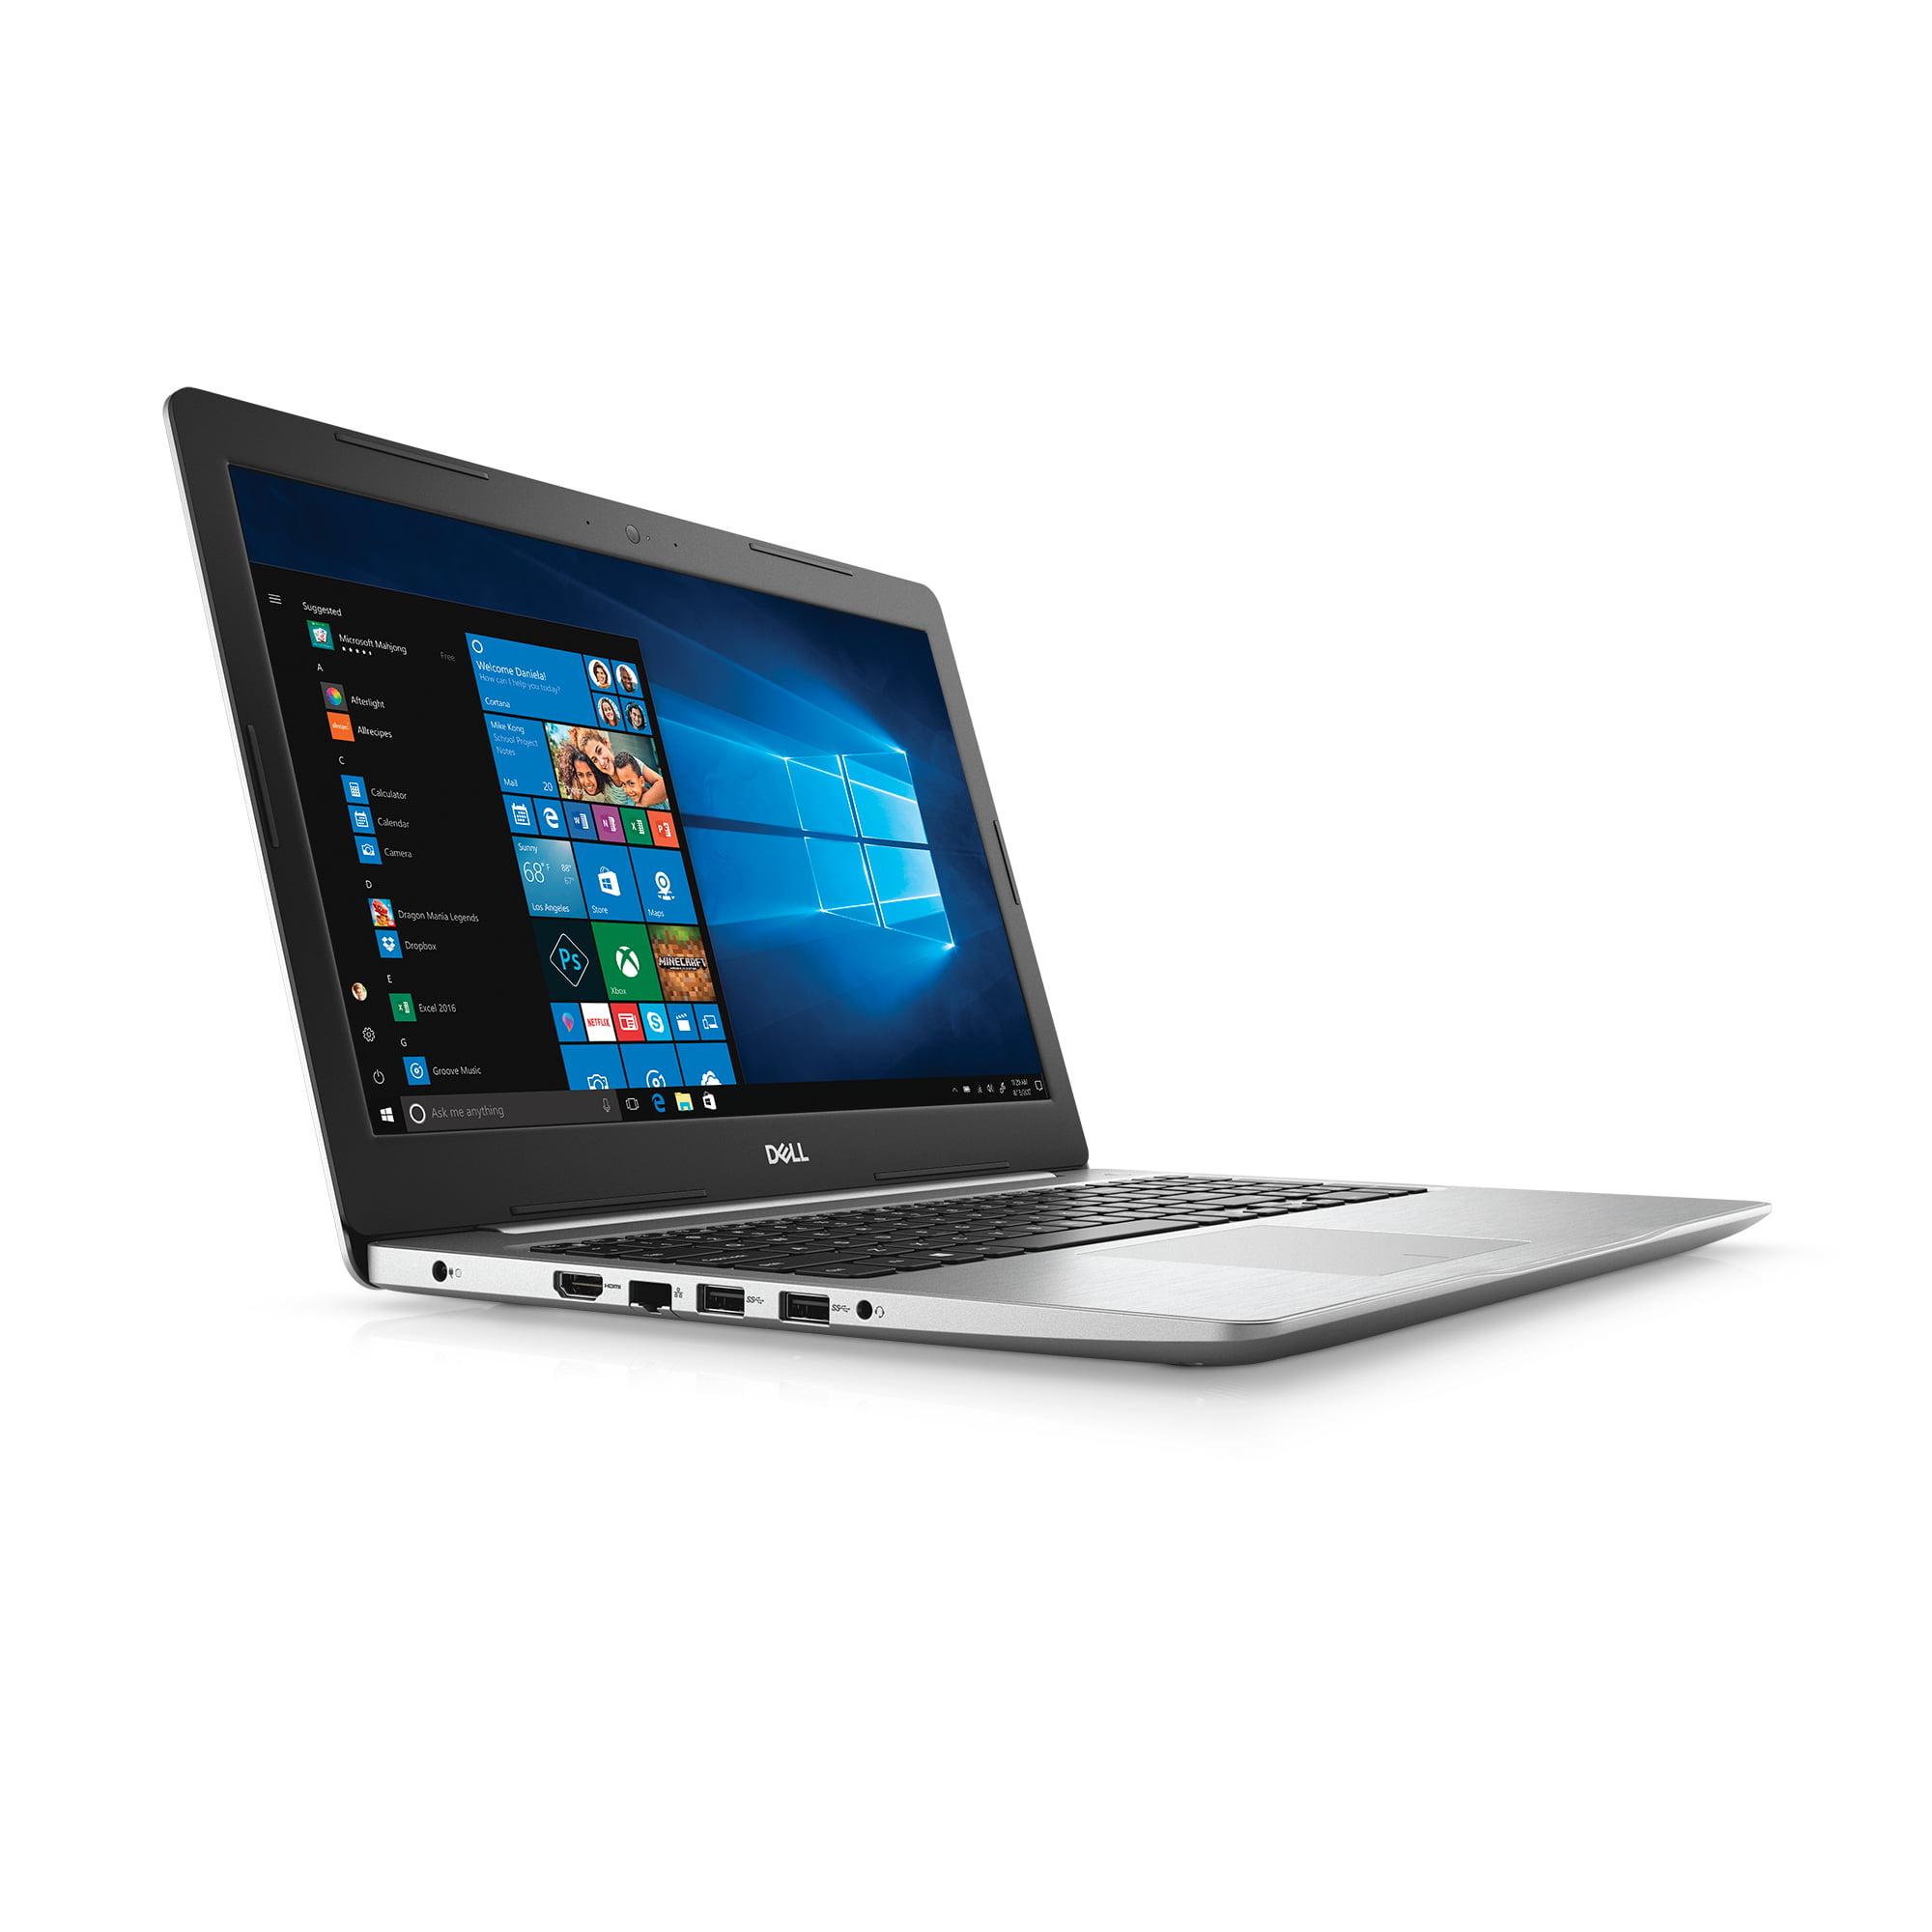 """Dell Inspiron i5570-7987SLV, 15.6"""" display, Intel i7, 20GB Total Memory( 4GB RAM + 16GB Memory), 1TB HDD, Windows 10 Home, Silver - Walmart.com"""